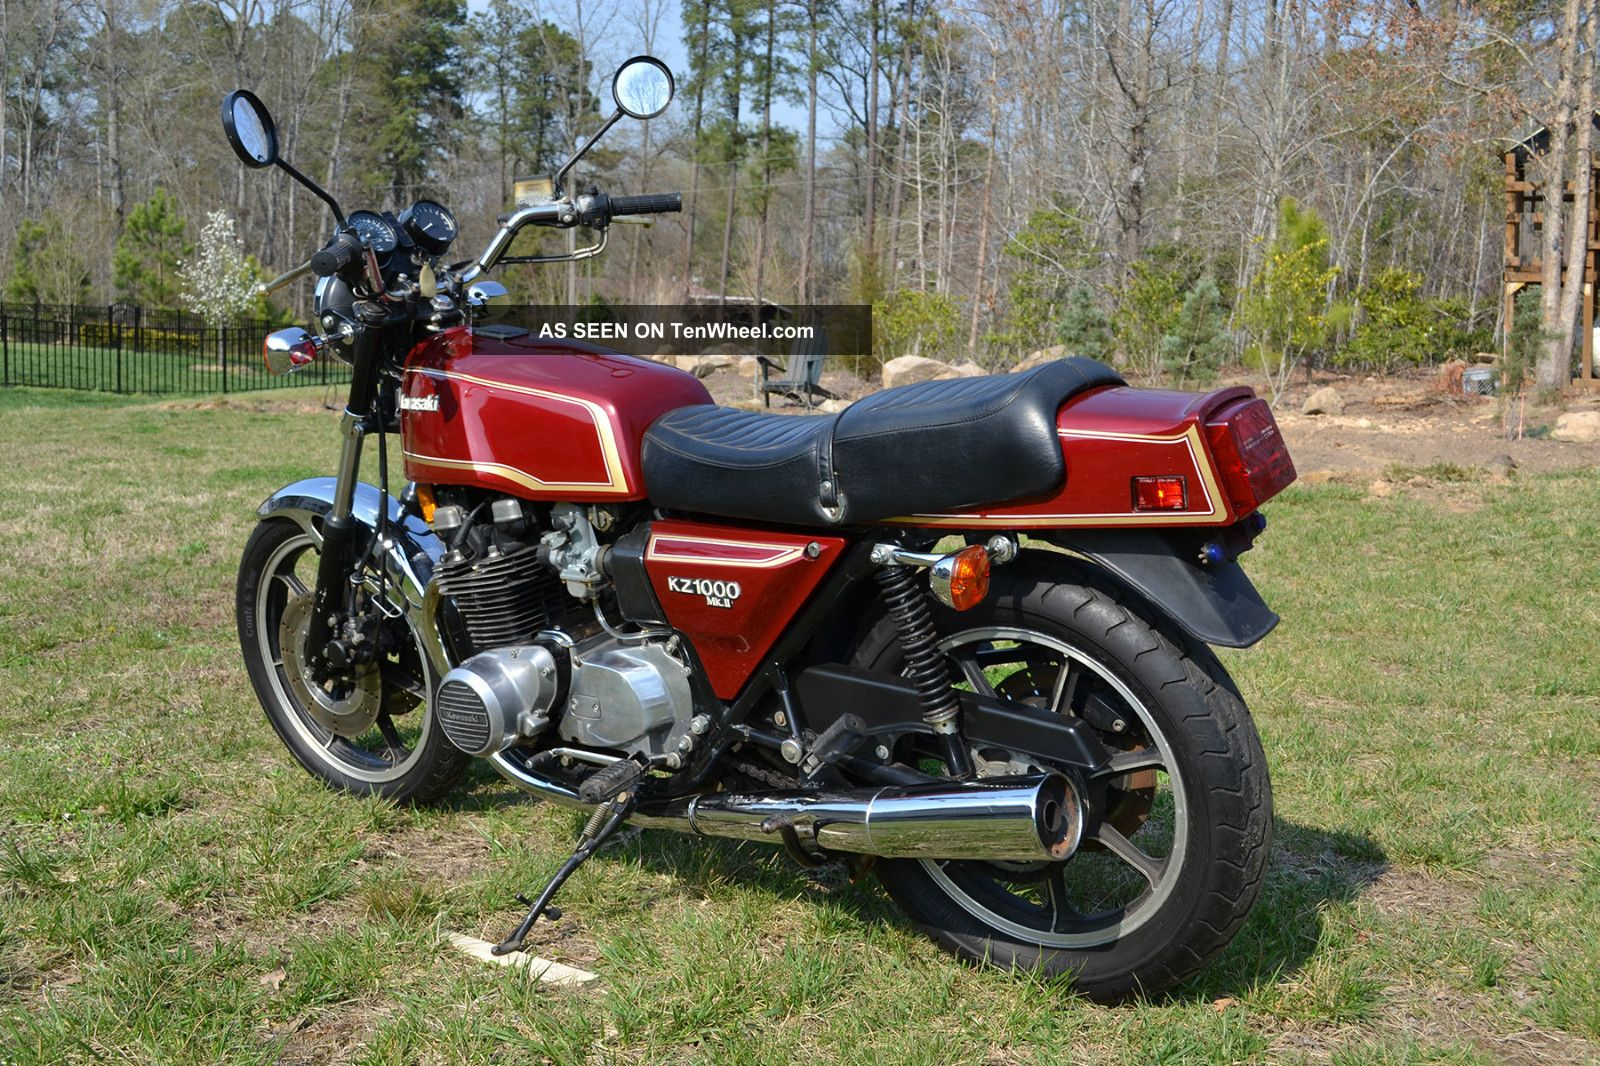 1979 Kawasaki Kz1000 Mkii